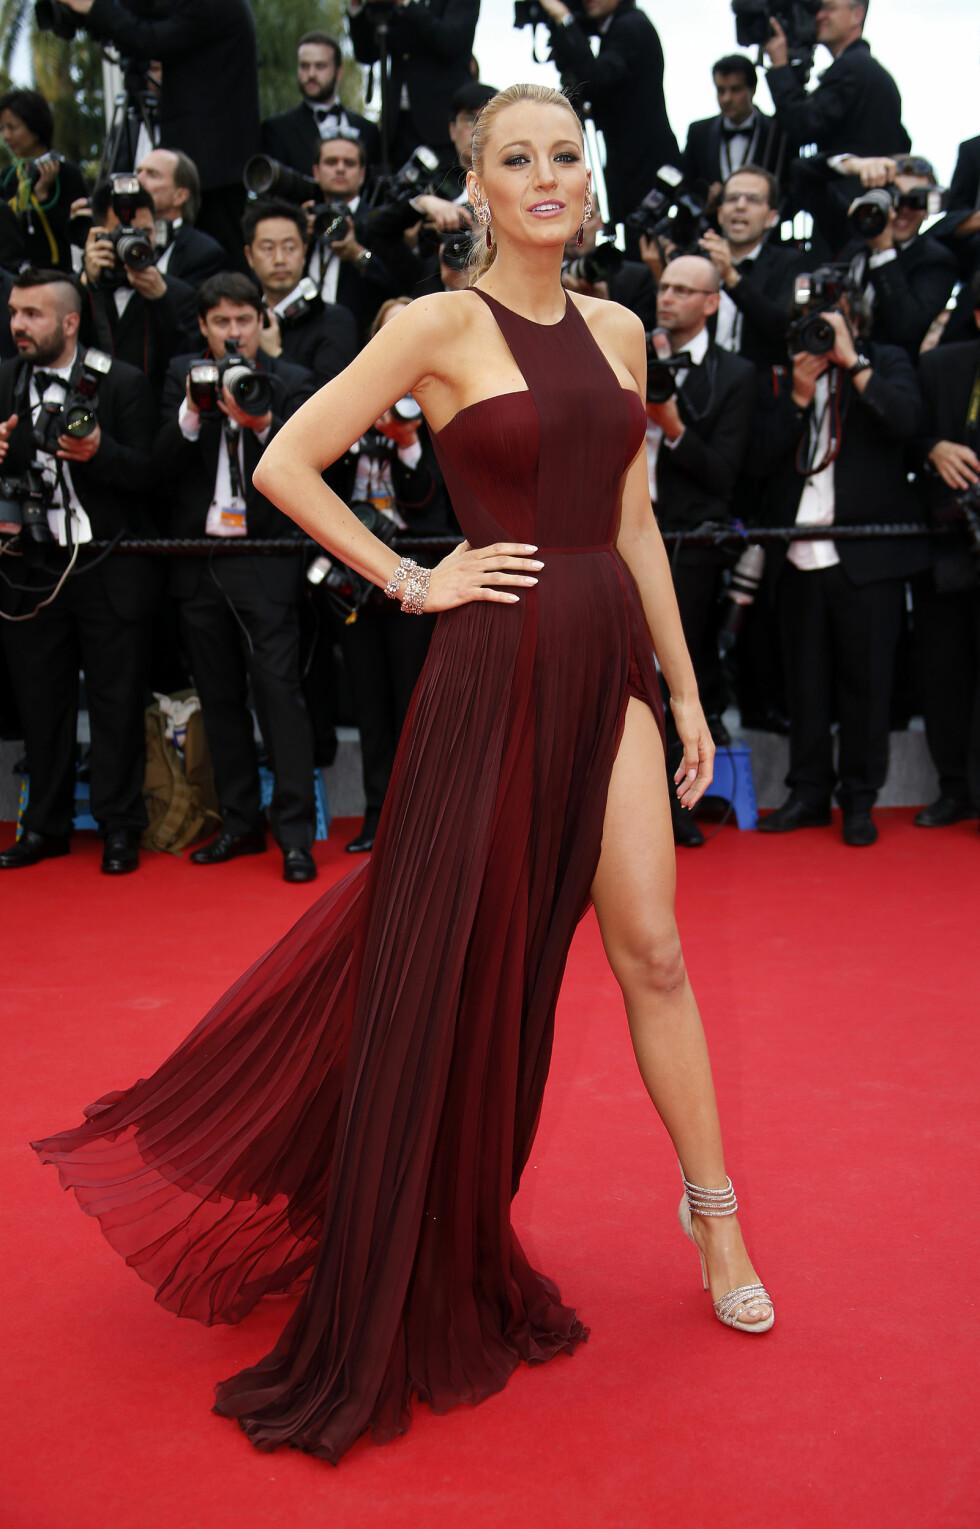 5. Da hun dukket opp på Cannes Filmfestival med denne dristige og sofistikerte kjolen. Foto: NTB Scanpix